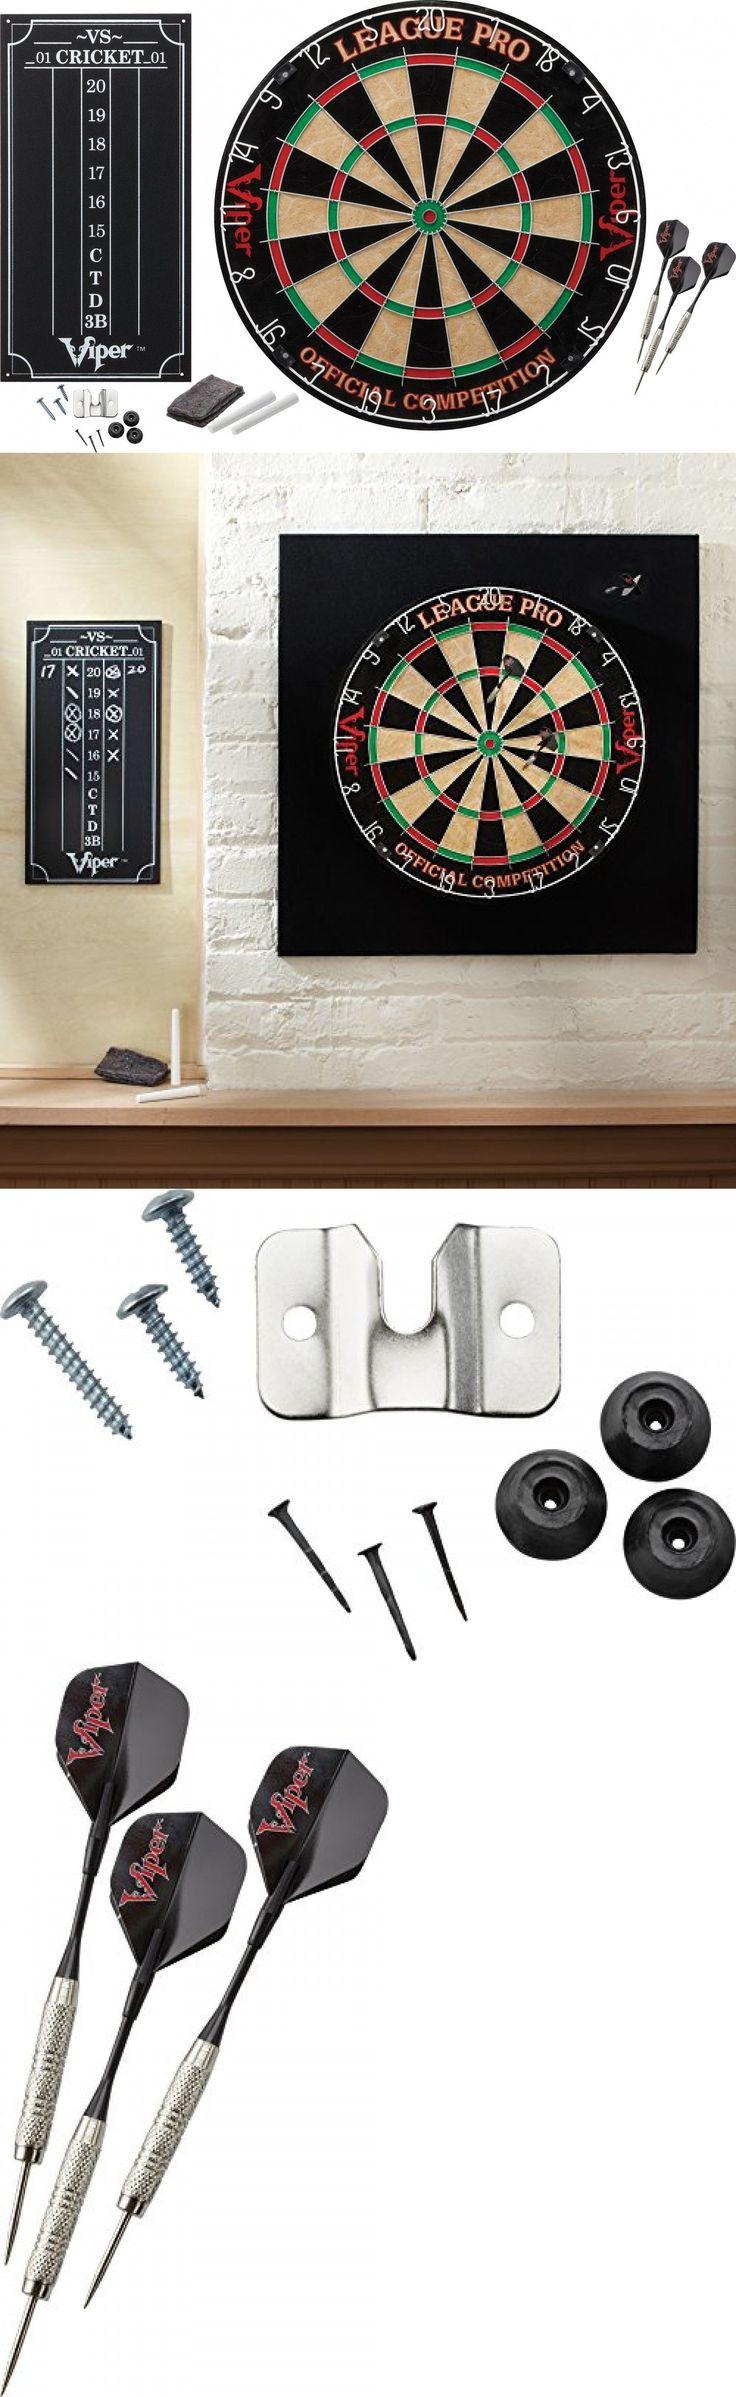 Dart Boards 72576: Dart Board Viper League Pro Sisal Bristle Steel Tip Staple Free Scoreboard Kit -> BUY IT NOW ONLY: $40.28 on eBay!